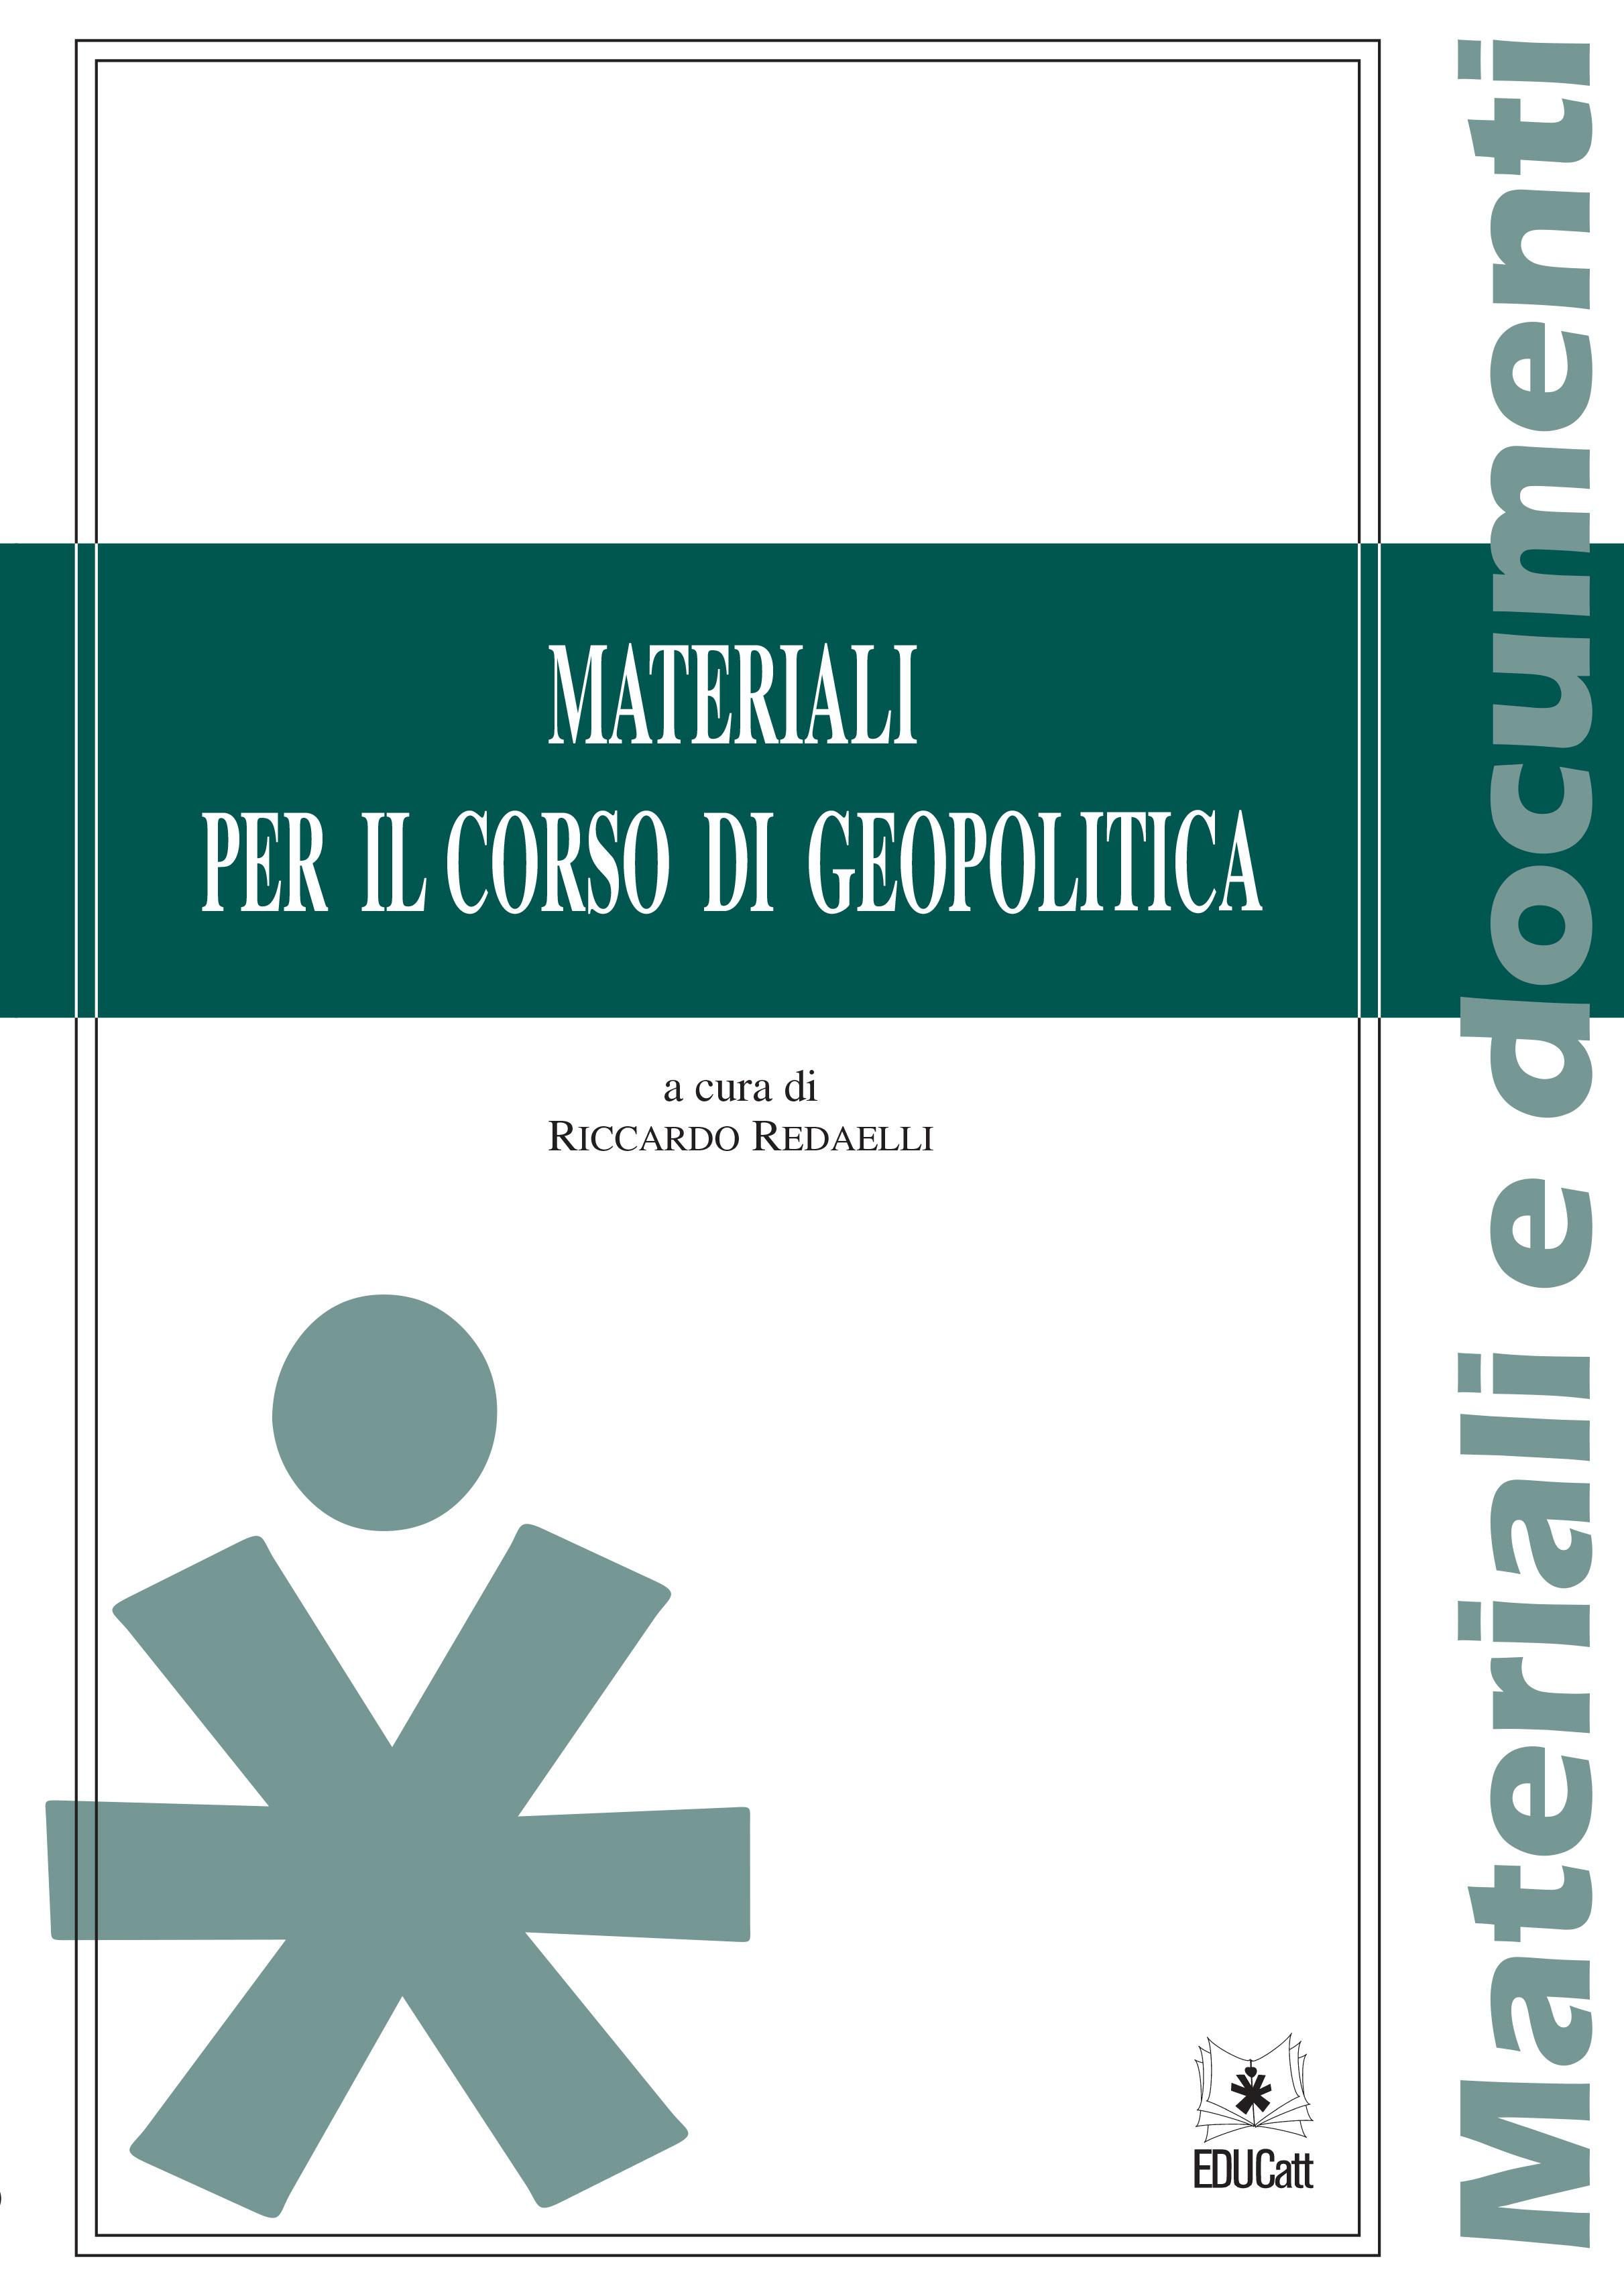 MATERIALI PER IL CORSO DI GEOPOLITICA